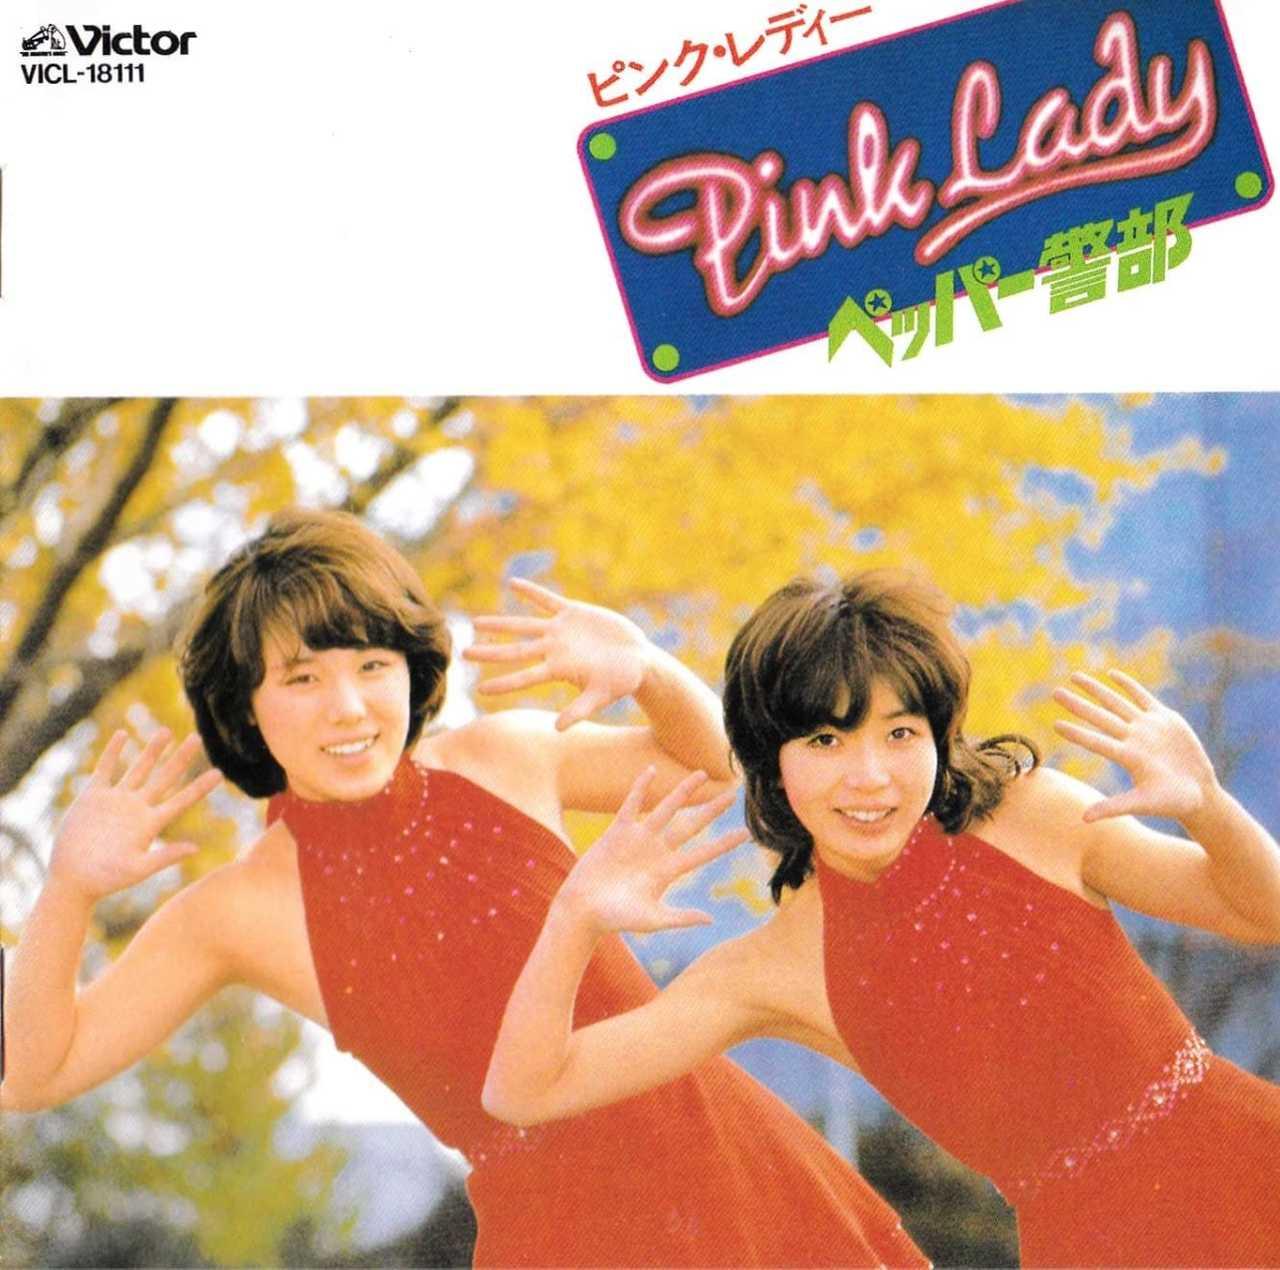 「ピンク・レディー」昭和の可愛い大スターの色褪せない魅力!